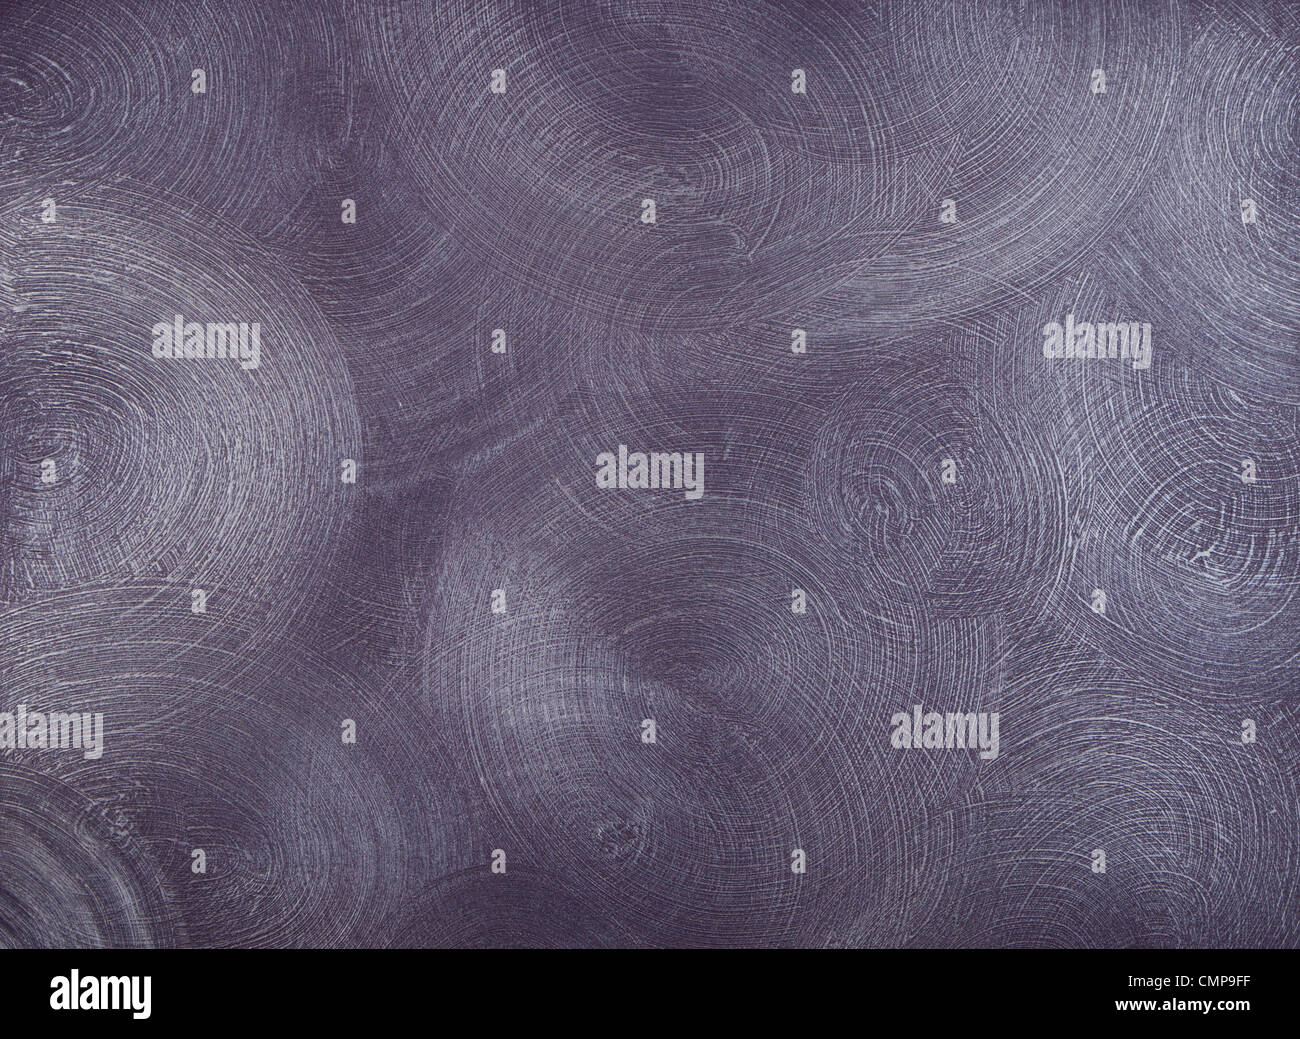 Textur der Wände bedeckt mit lila Farbe, mit häufigen, Runde zentrische Striche. Stockbild